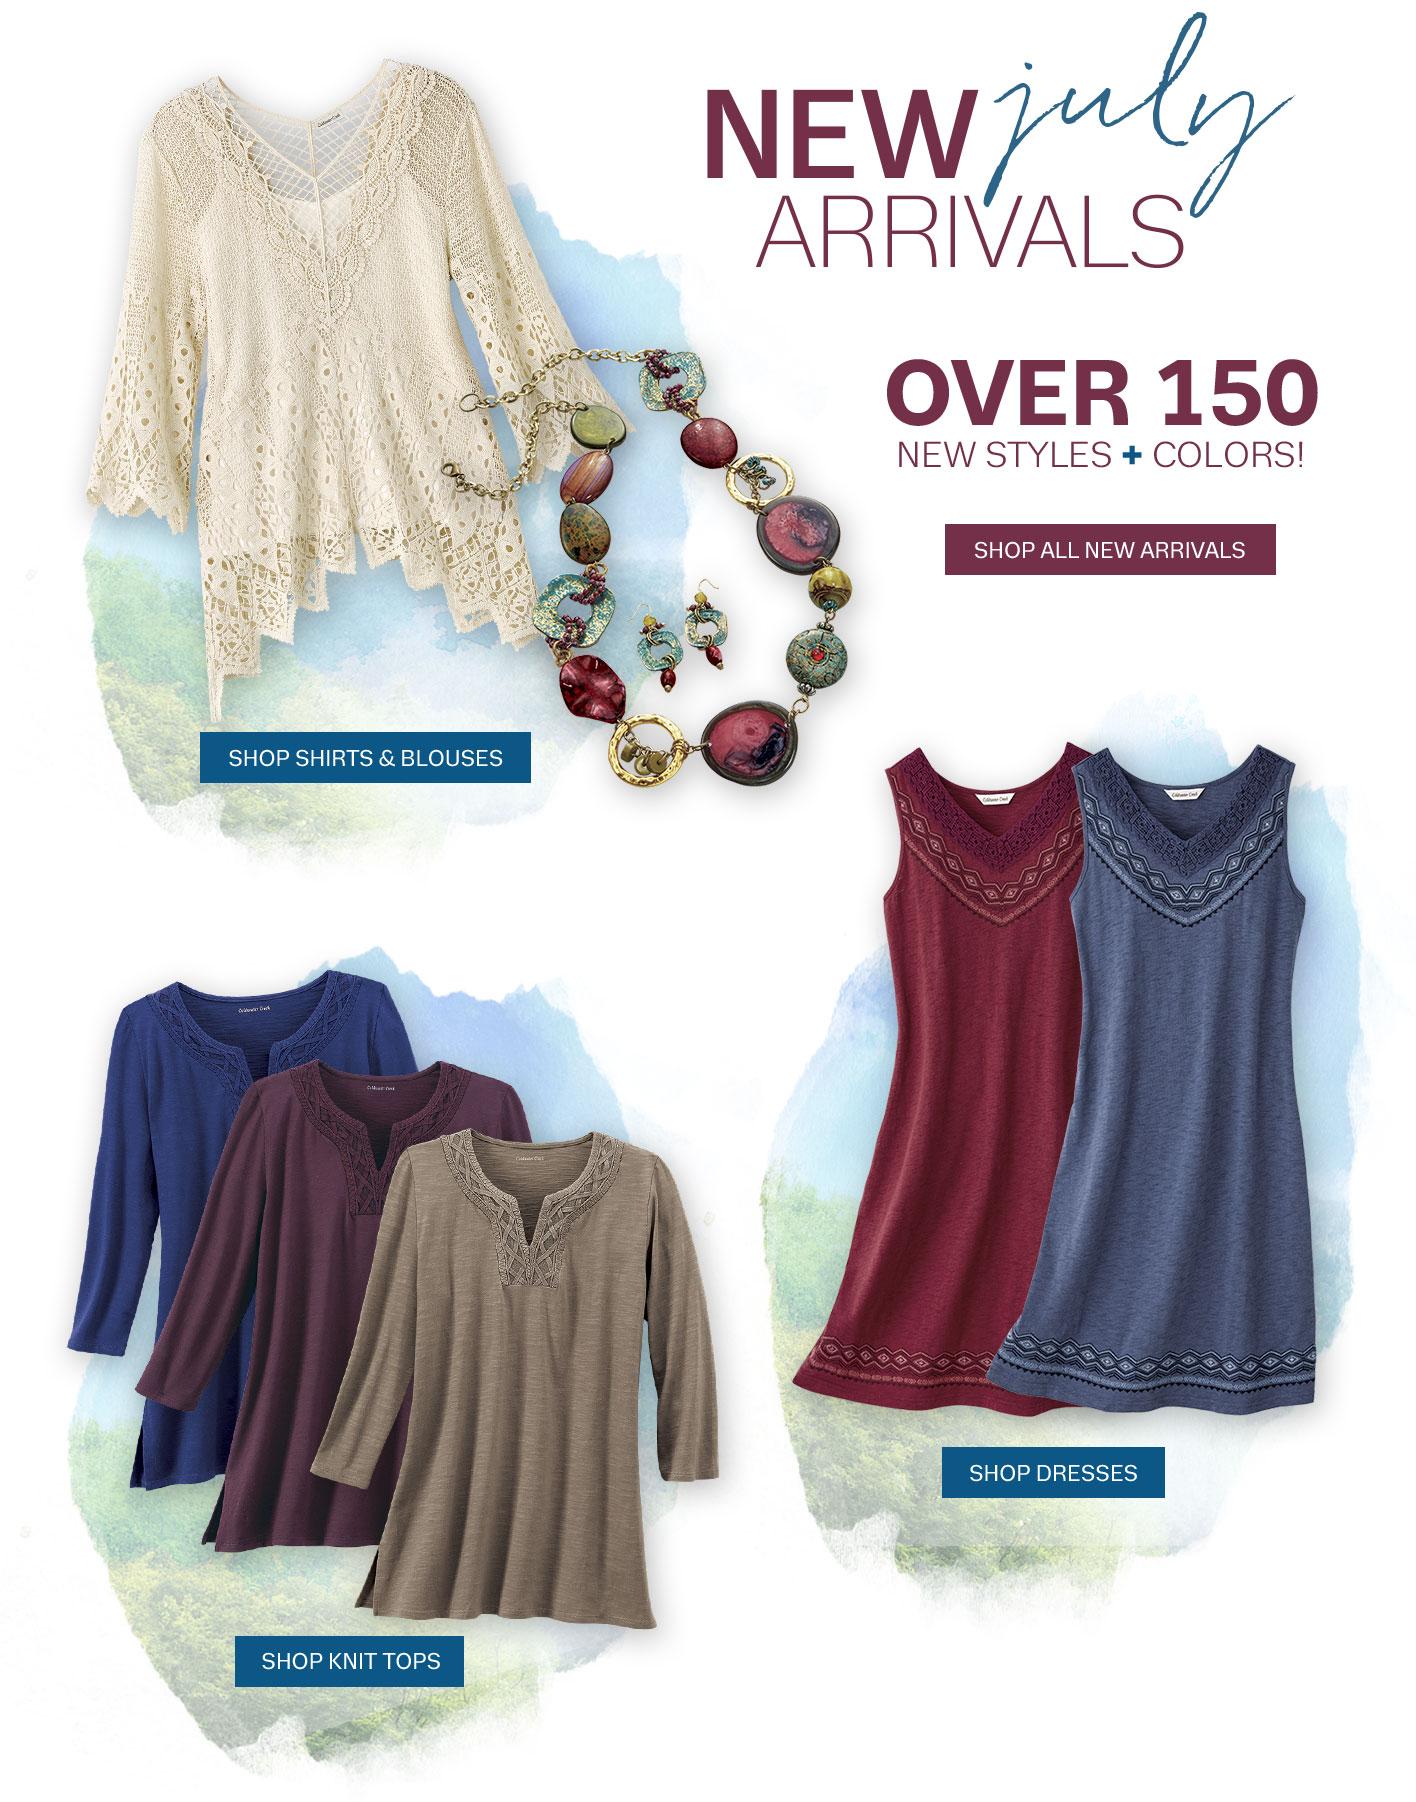 new arrivals shirts knit tops dresses